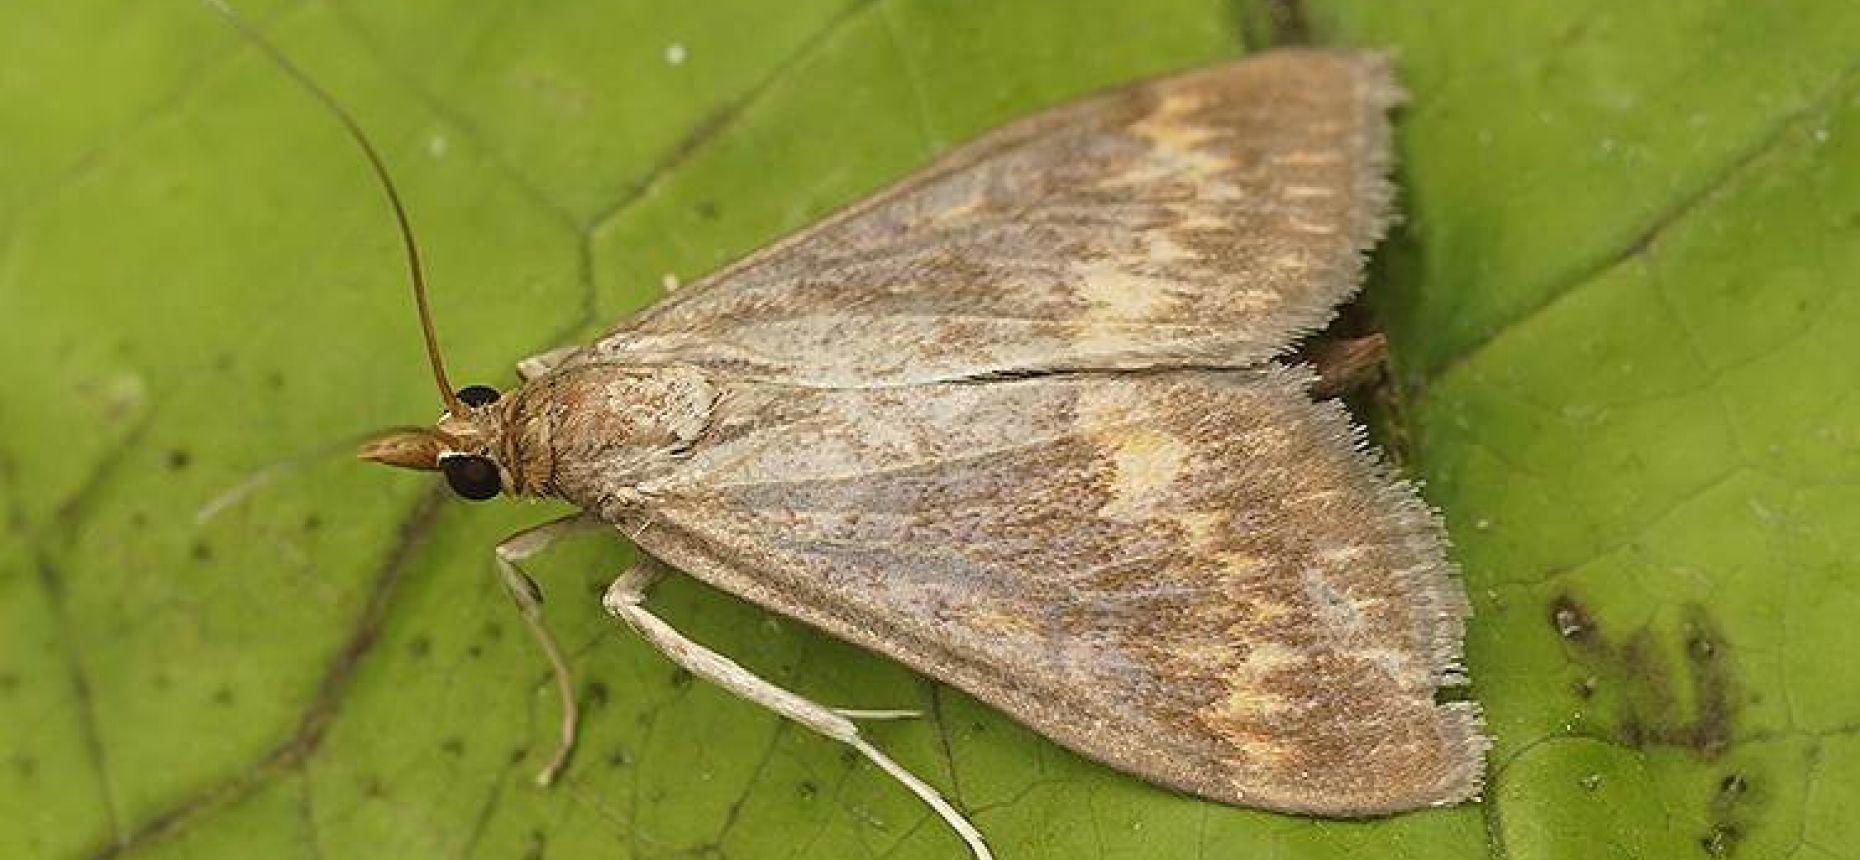 Кукурузный мотылек - Ostrinia nubilalis Hbn.